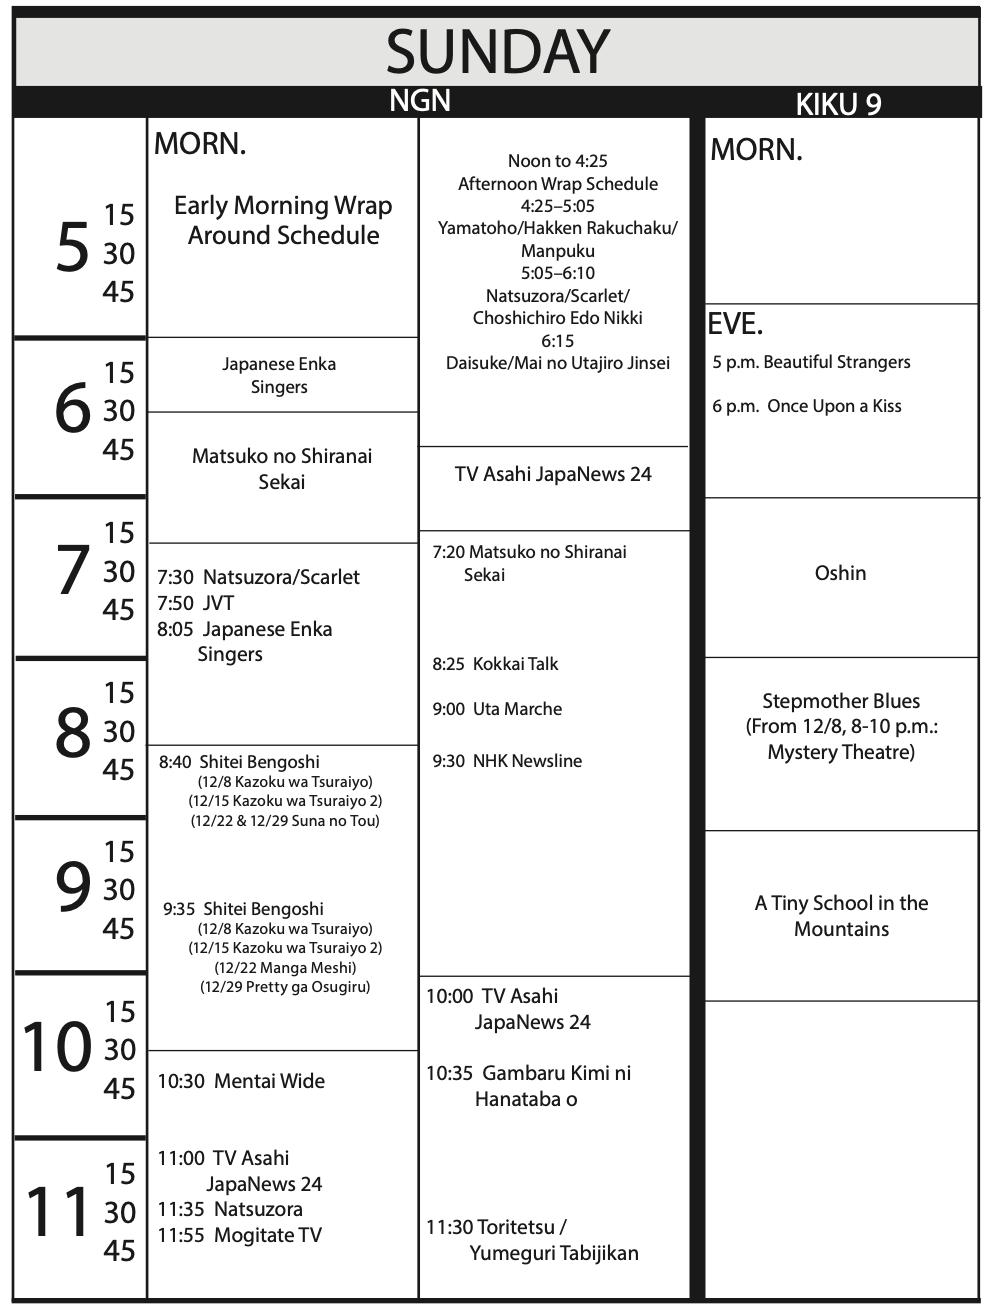 TV Program Schedule 11/15/19 Issue - Sunday